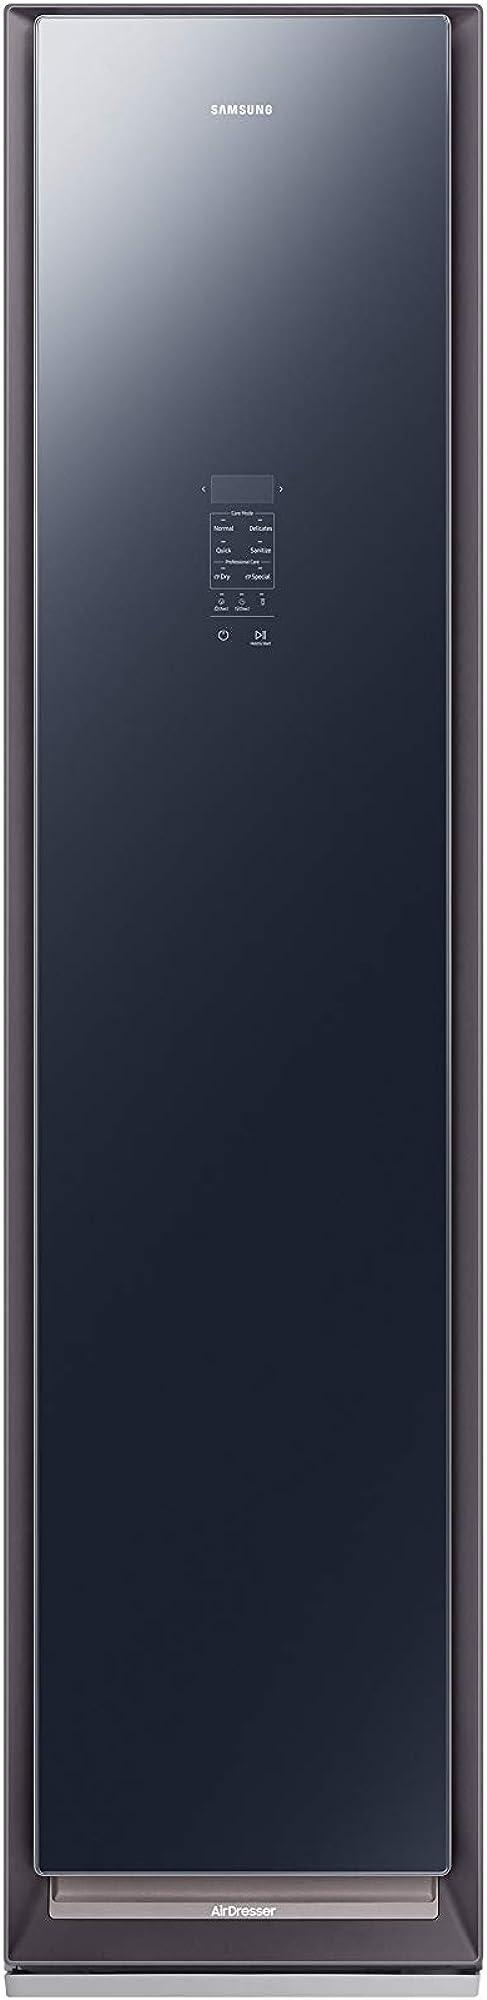 Samsung elettrodomestici jetsteam airdresser cabina armadio a vapore, asciuga, igienizza e rimuove odori, trat DF60R8600CG/LE